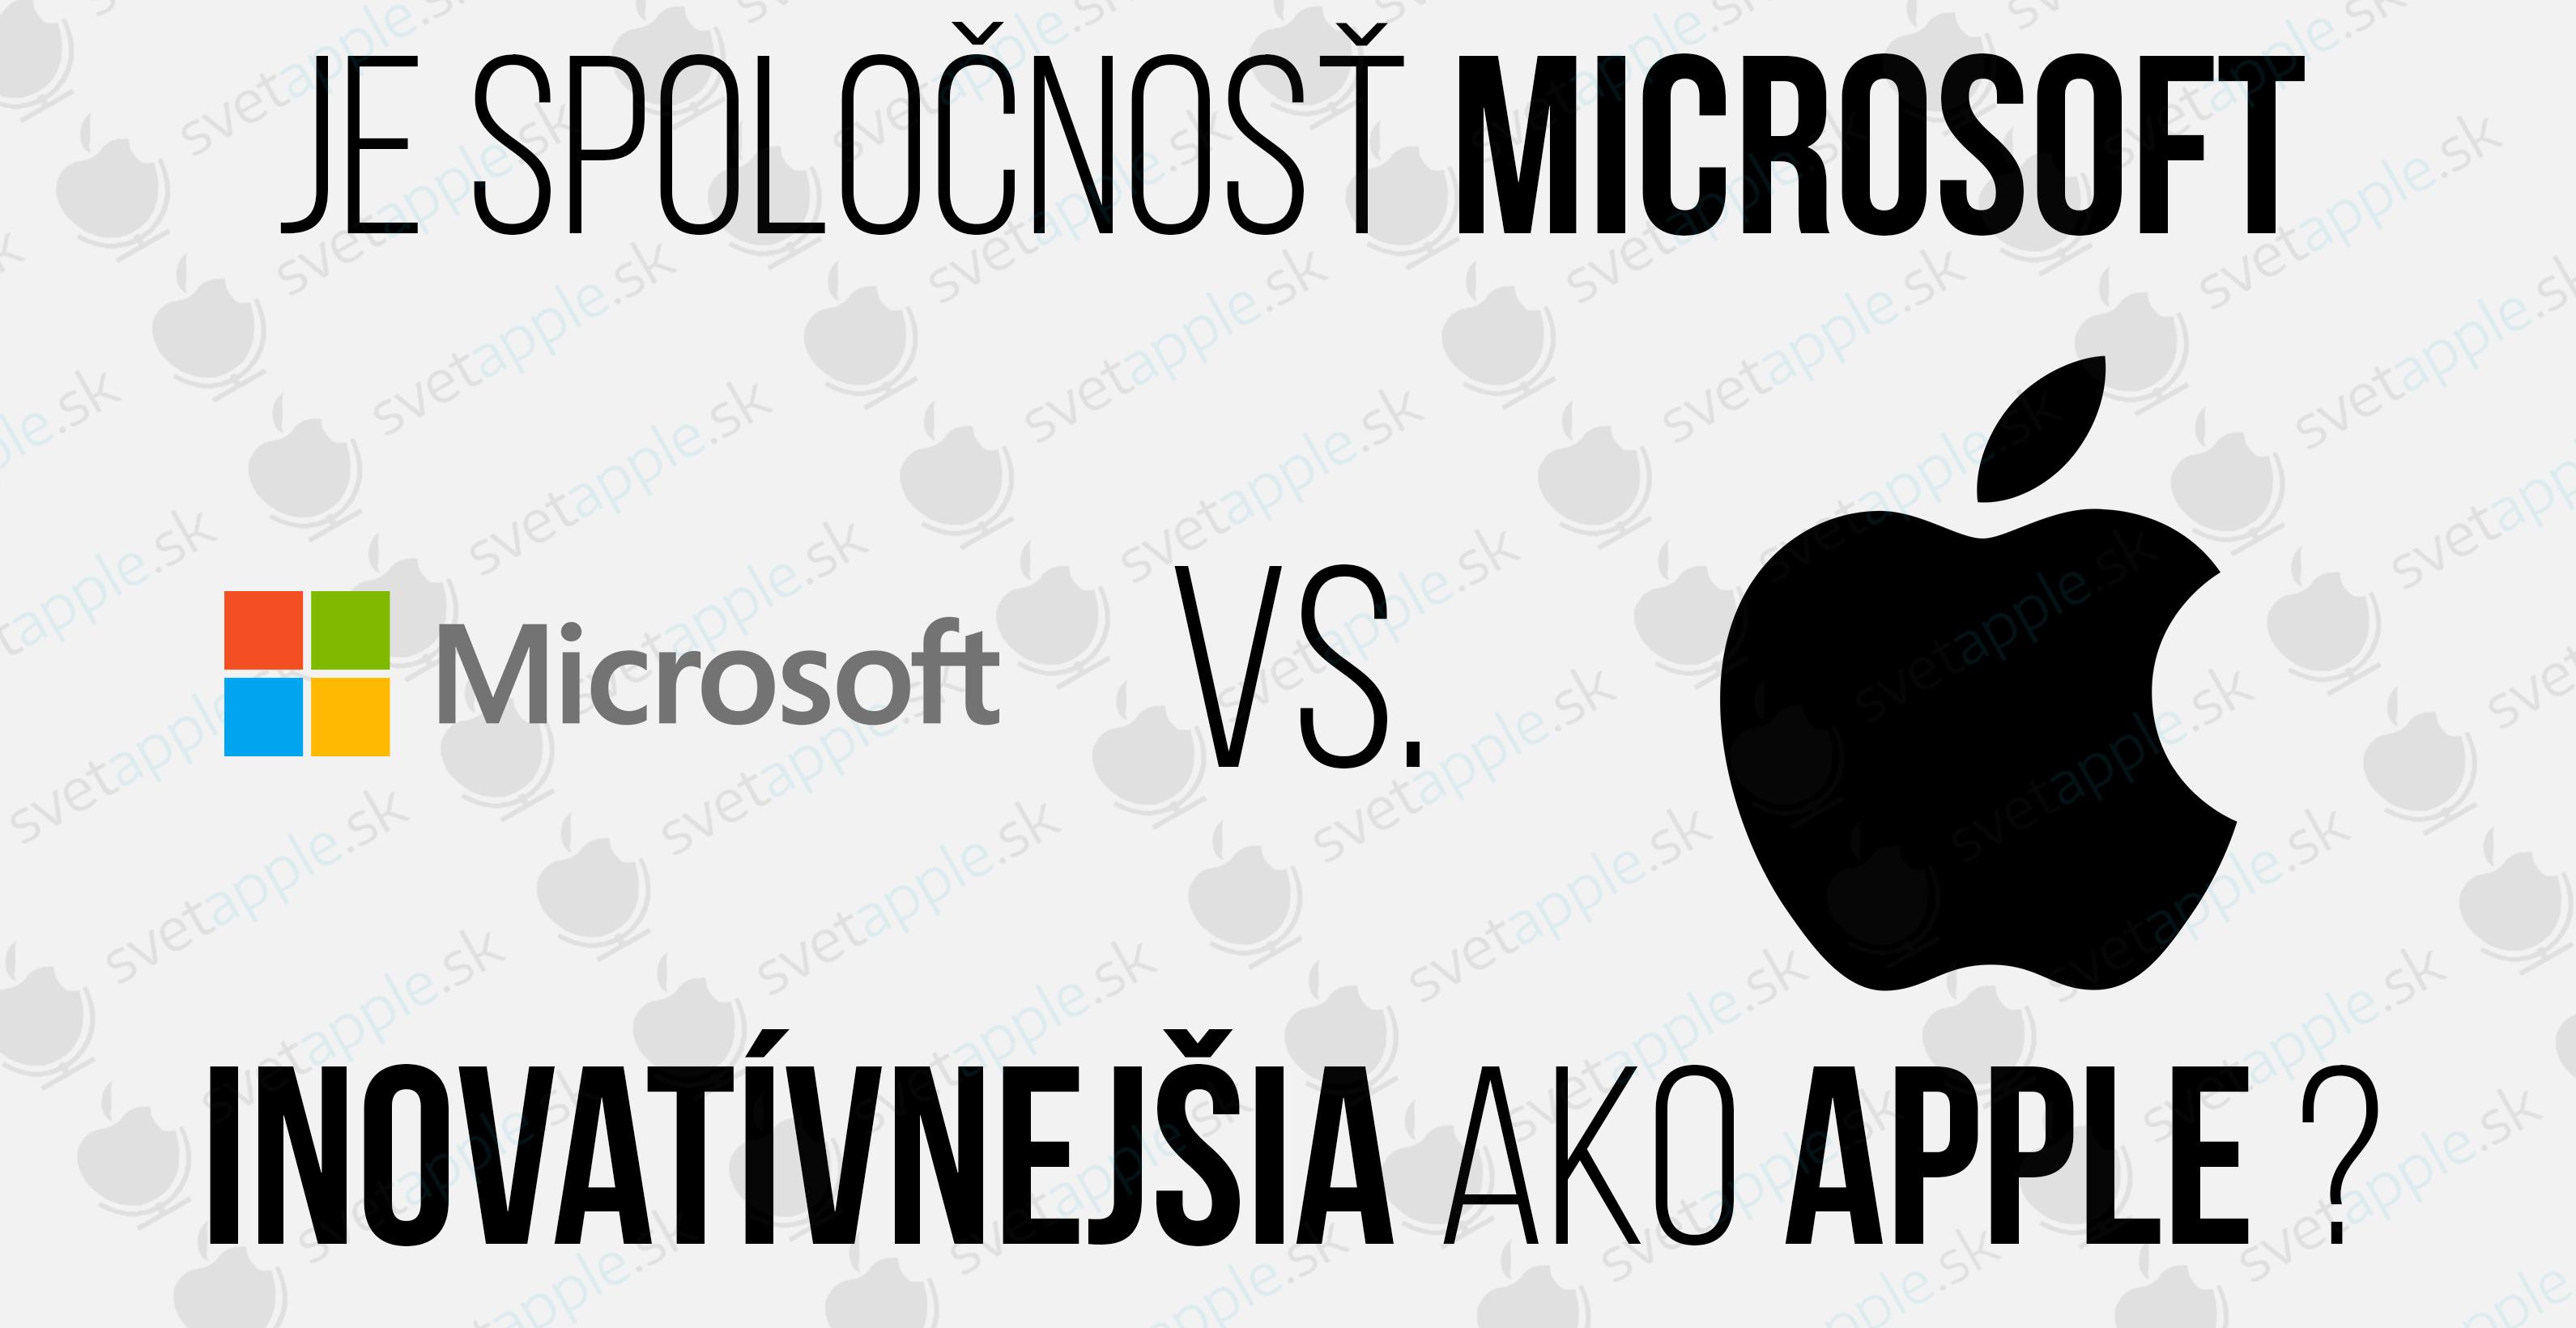 b259af4ce Je spoločnosť Microsoft tento rok inovatívnejšia ako Apple ...